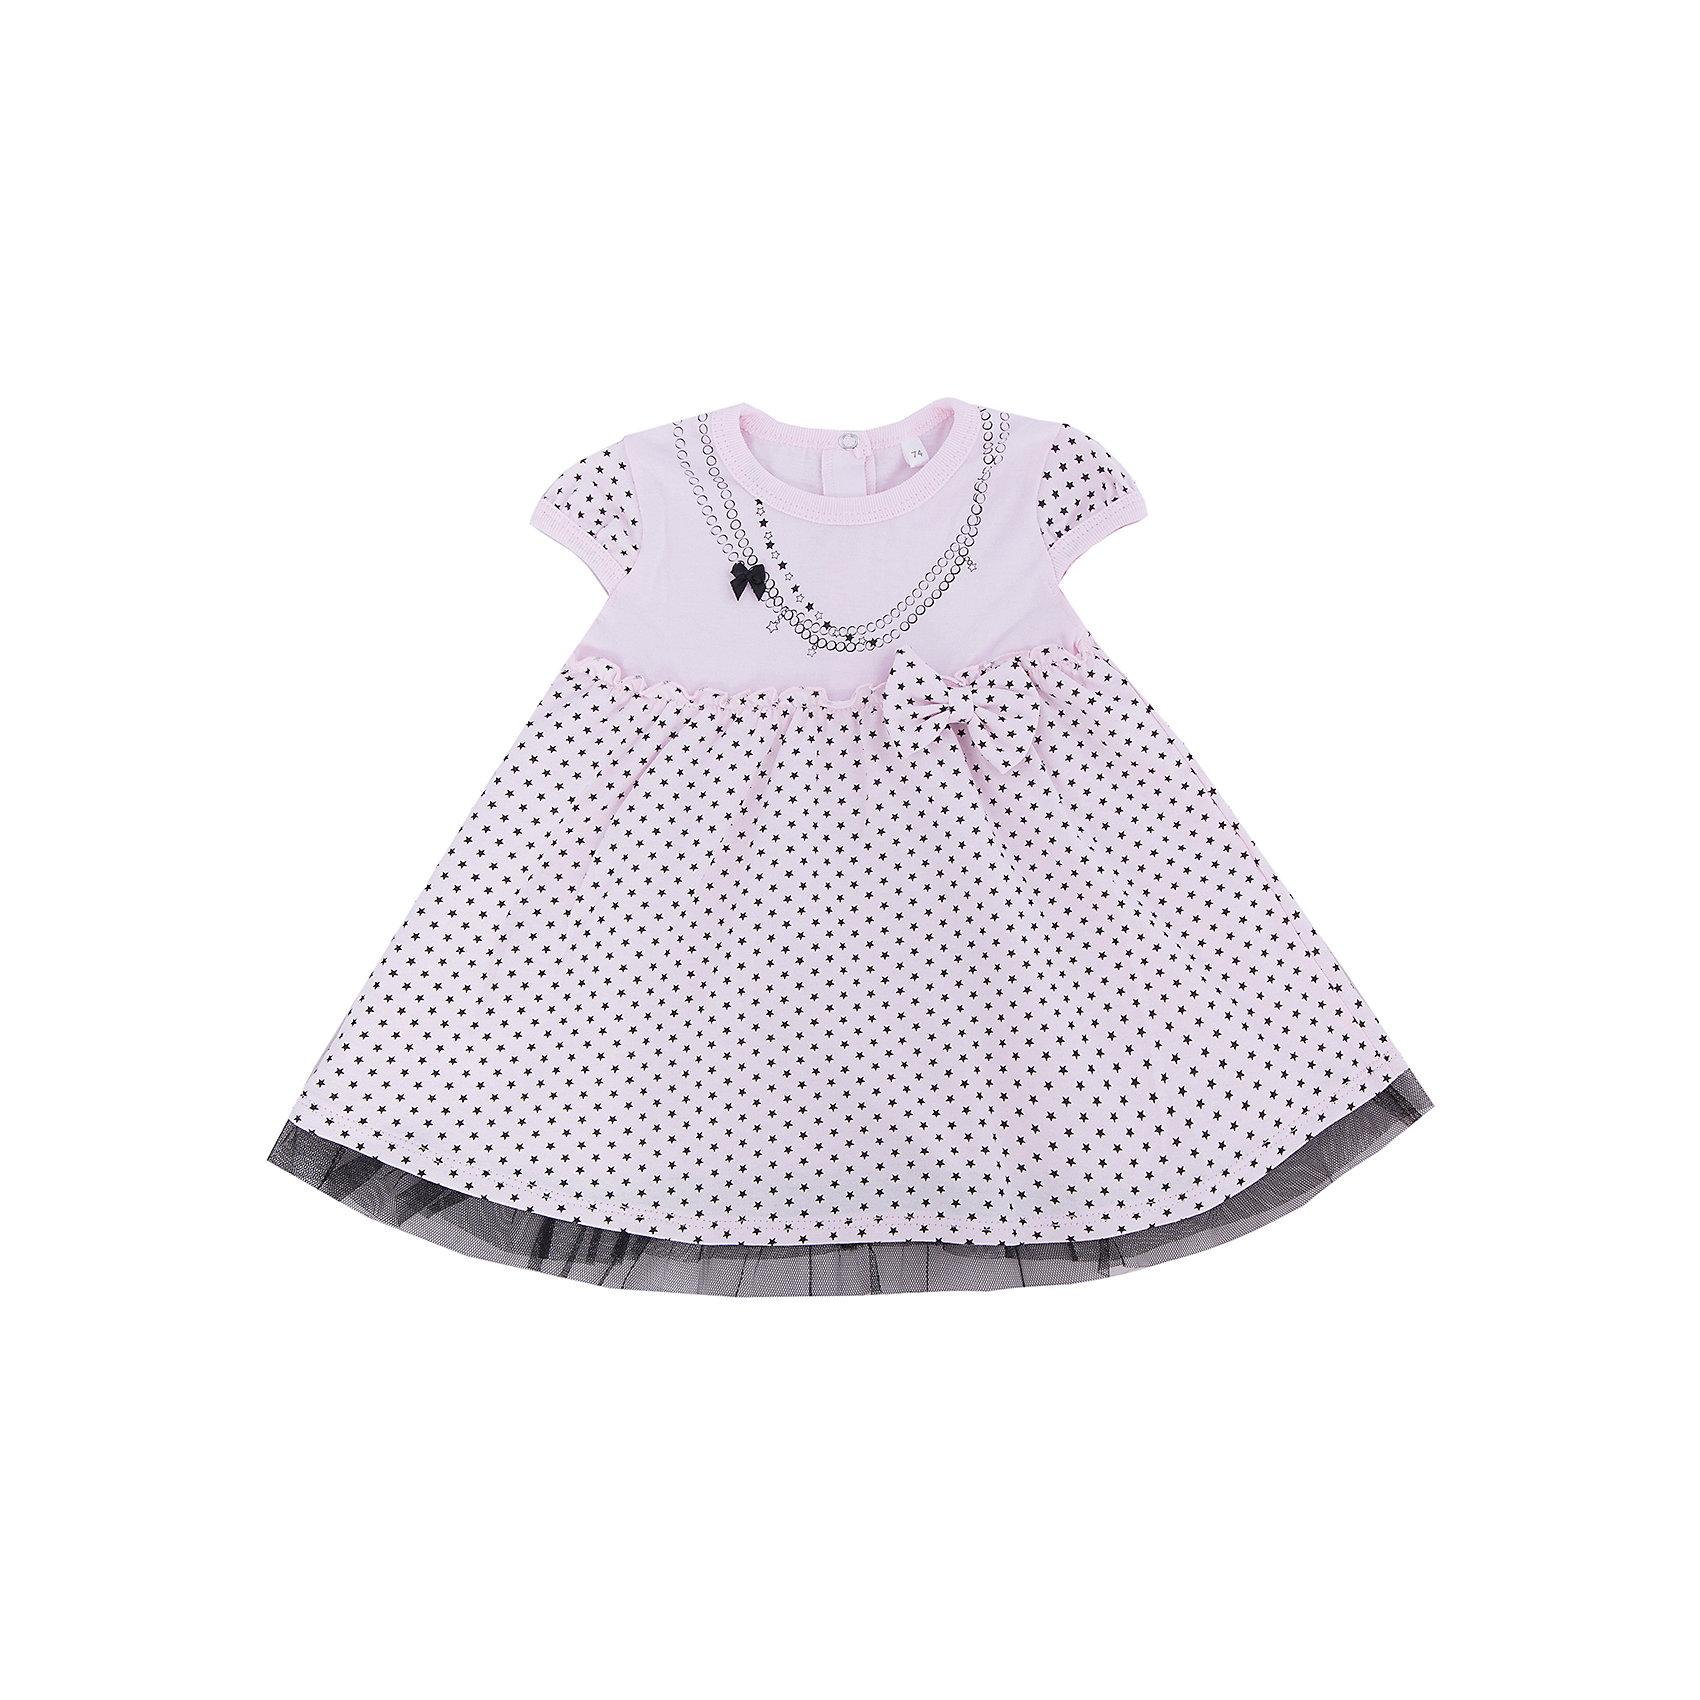 Платье для девочки Soni KidsПлатья<br>Платье для девочки от популярной марки Soni Kids <br> <br>Красивое нежное платье сшито из мягкого дышащего хлопка. Это гипоаллергенный материал, который отлично подходит для детской одежды. Правильный крой обеспечит ребенку удобство, не будет натирать и стеснять движения. <br> <br>Особенности модели: <br> <br>- цвет - белый; <br>- материал - натуральный хлопок; <br>- имитация бус; <br>- крылья на рукавах; <br>- пышный подол; <br>- модель декорирована бантиками; <br>- застежки - кнопки на спине. <br> <br>Дополнительная информация: <br> <br>Состав: 100% хлопок <br> <br>Платье для девочки от популярной марки Soni Kids (Сони Кидс) можно купить в нашем магазине.<br><br>Ширина мм: 157<br>Глубина мм: 13<br>Высота мм: 119<br>Вес г: 200<br>Цвет: розовый<br>Возраст от месяцев: 18<br>Возраст до месяцев: 24<br>Пол: Женский<br>Возраст: Детский<br>Размер: 92,74,80,86<br>SKU: 4545074